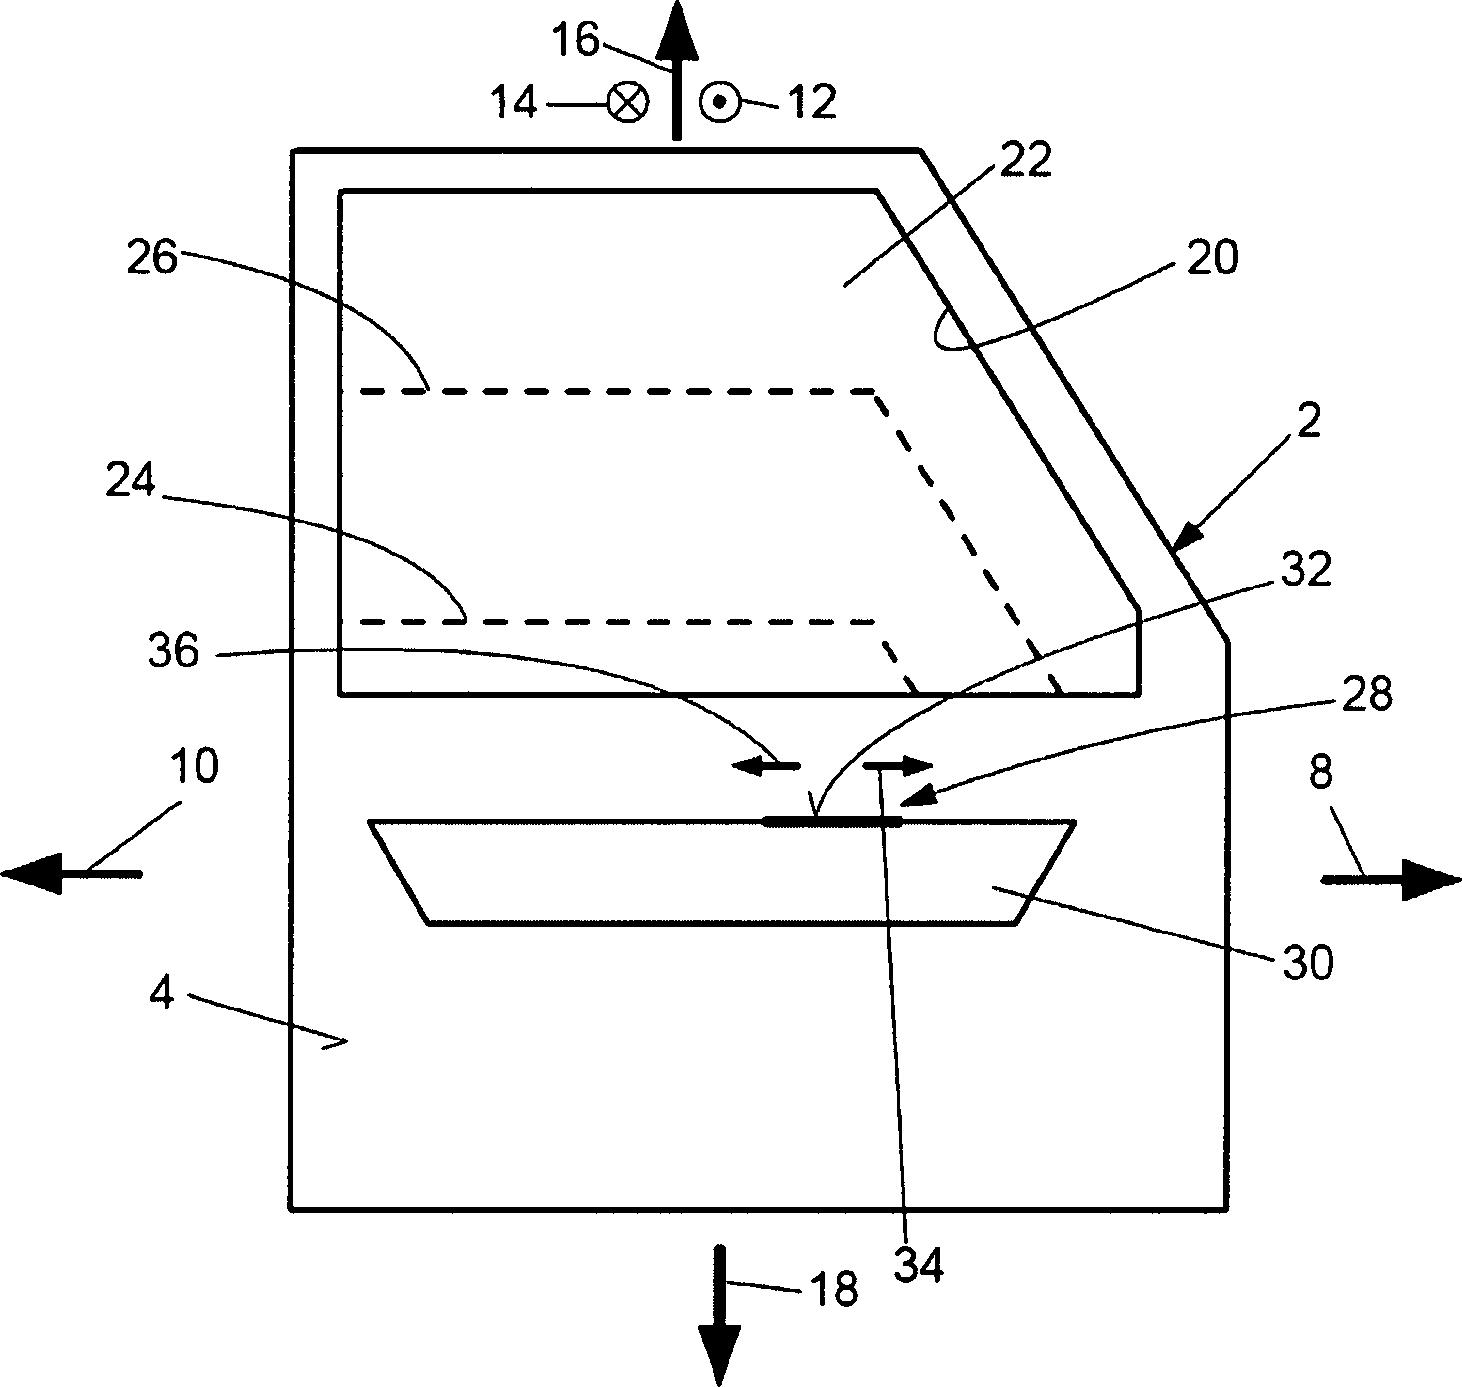 Figure DE102016007357A1_0001